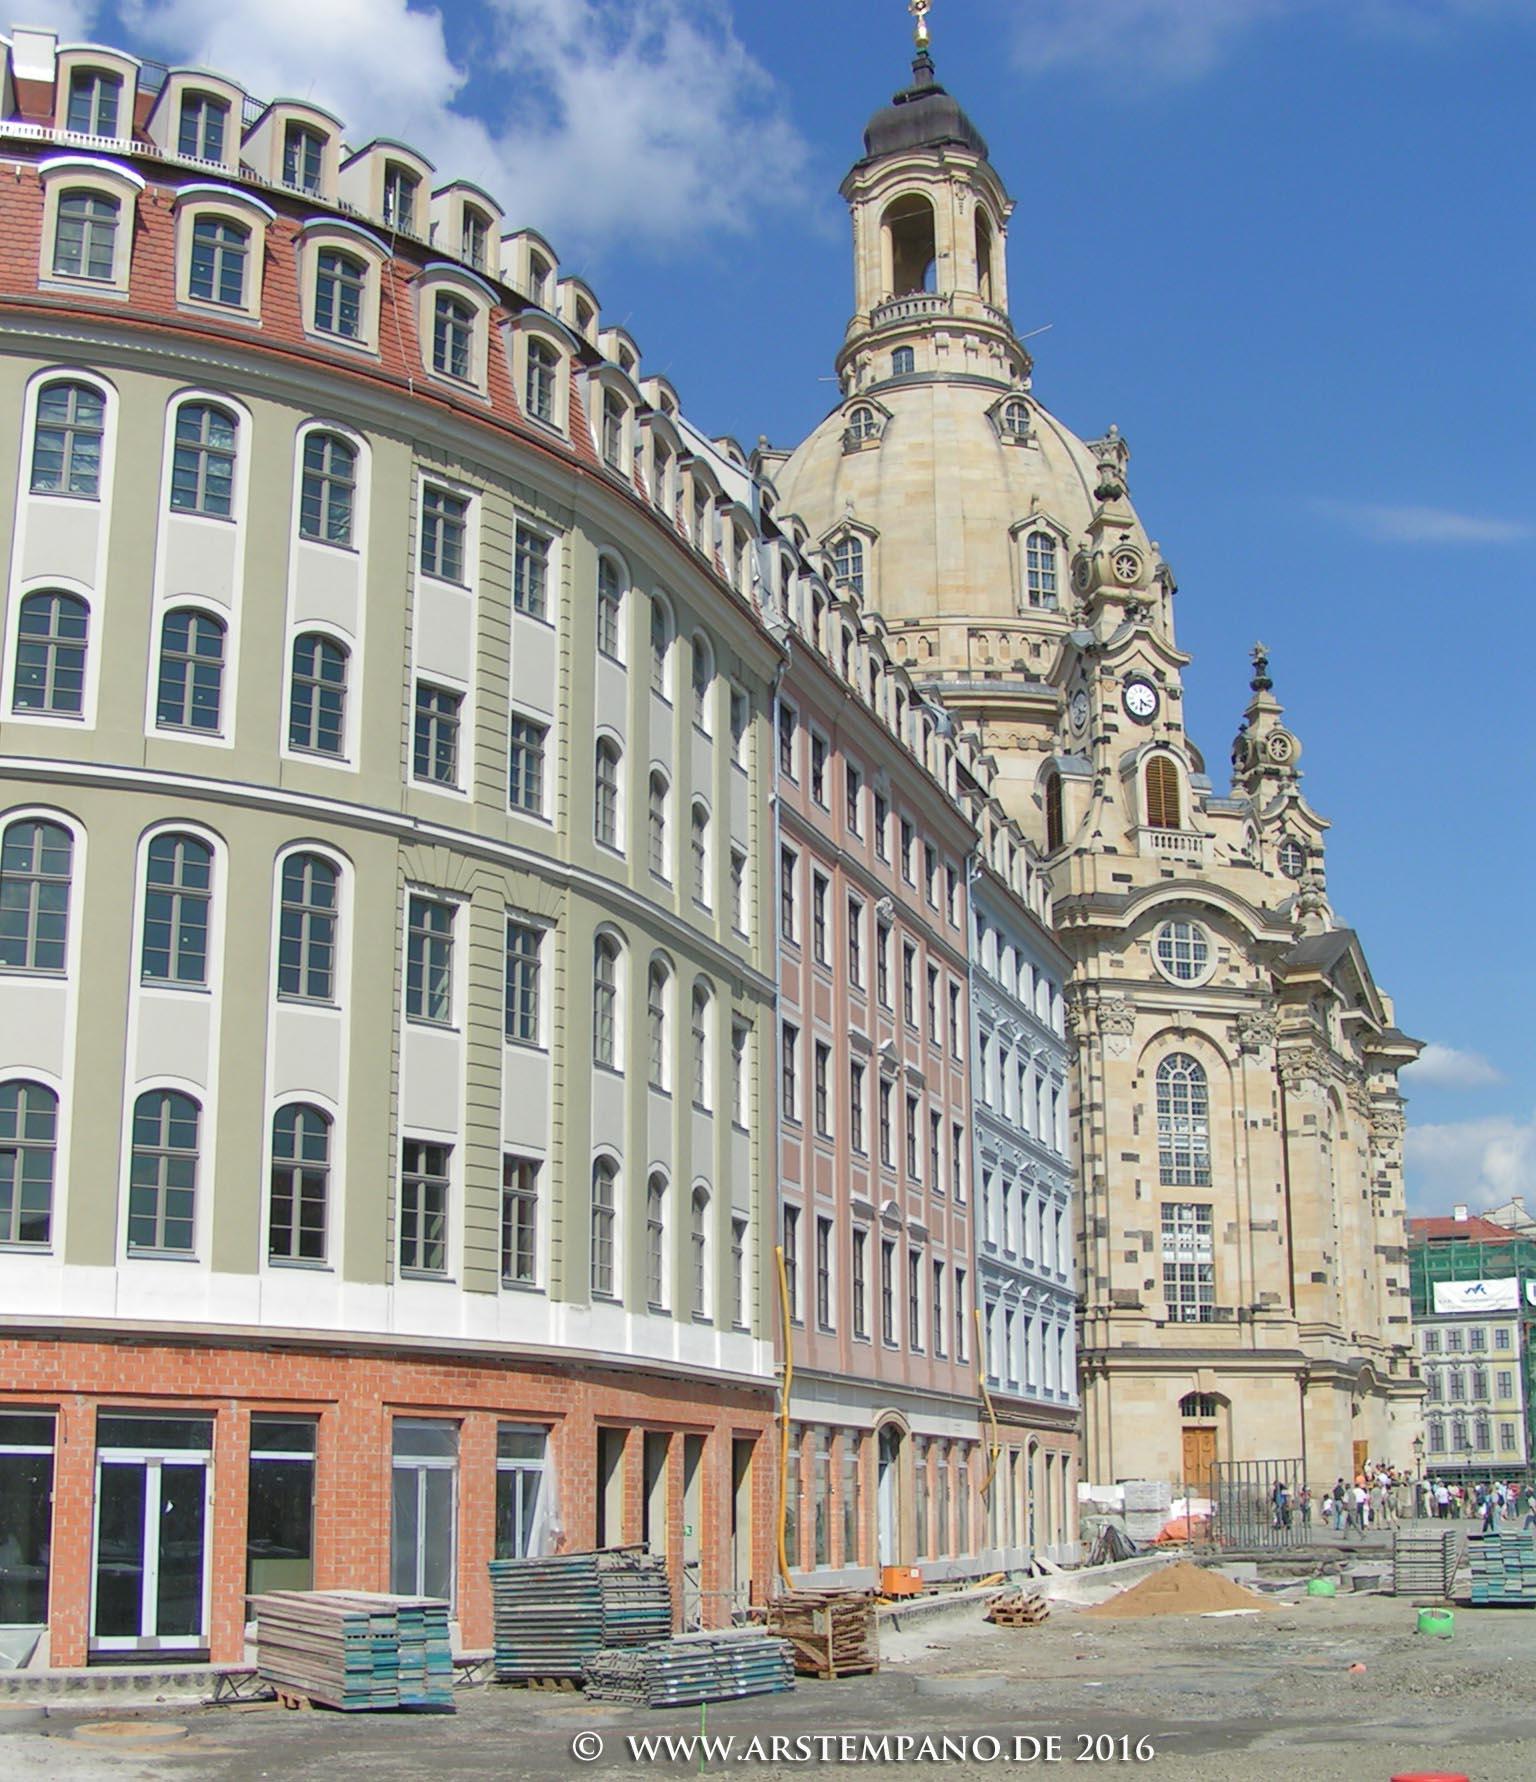 Wiederaufbau quartier qf arstempano for Hotel dresden frauenkirche